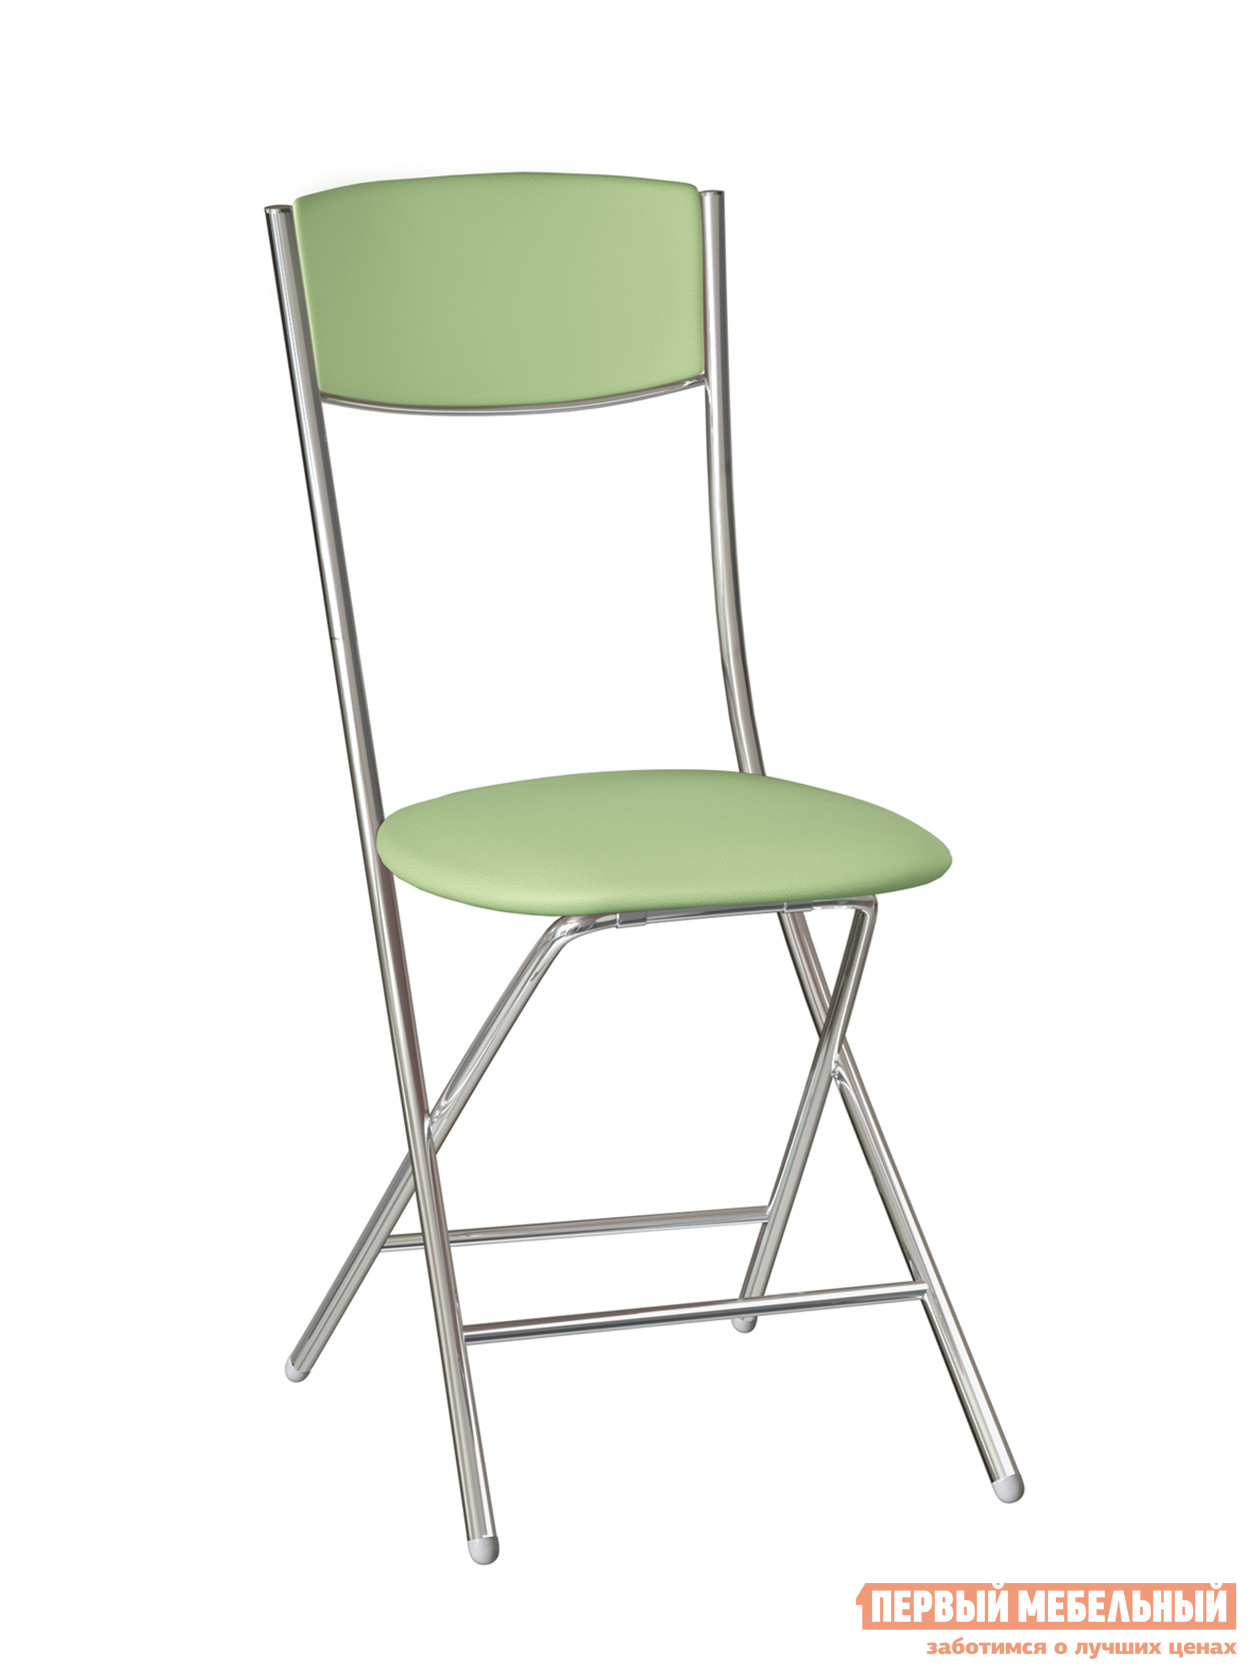 Фото - Стул складной Первый Мебельный Ильма складной стул складной tetchair стул складной betty 9969